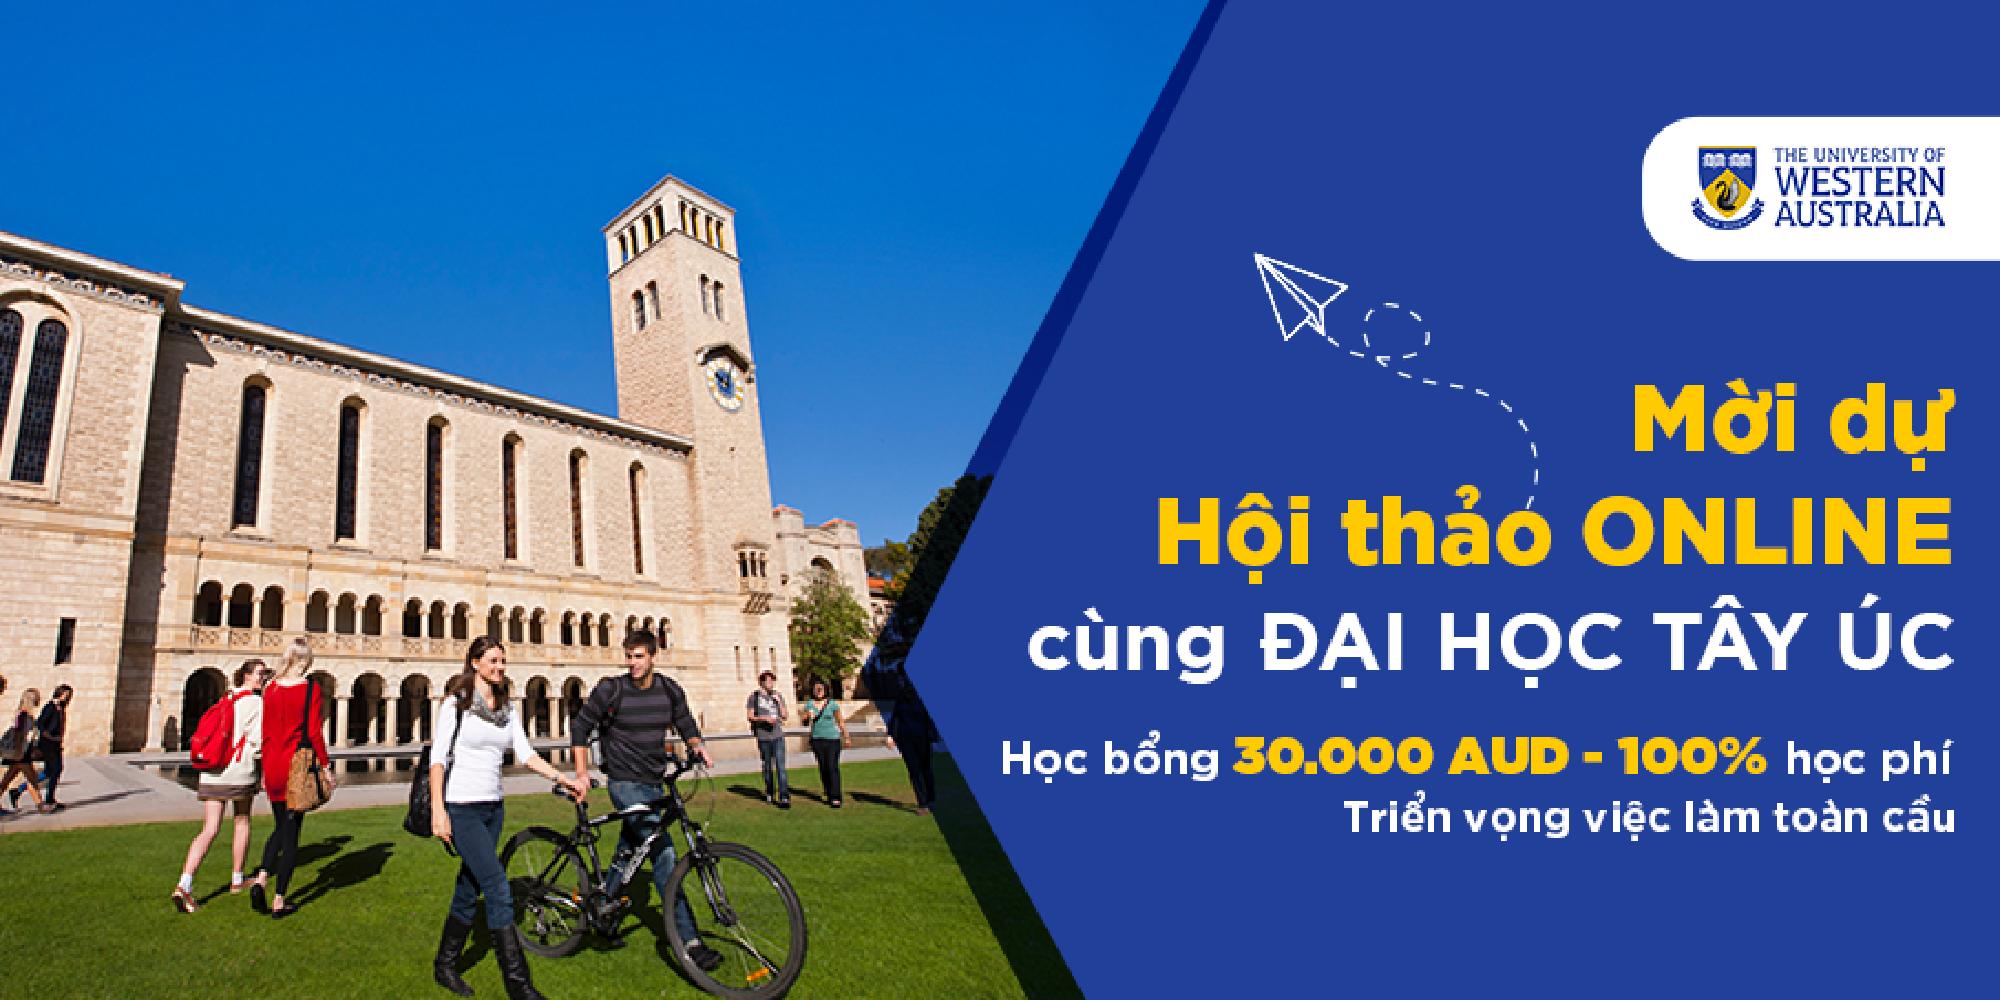 Mời dự Hội thảo ONLINE cùng Đại học Tây Úc (UWA): Học bổng 30.000 AUD- 100% học phí- triển vọng việc làm toàn cầu